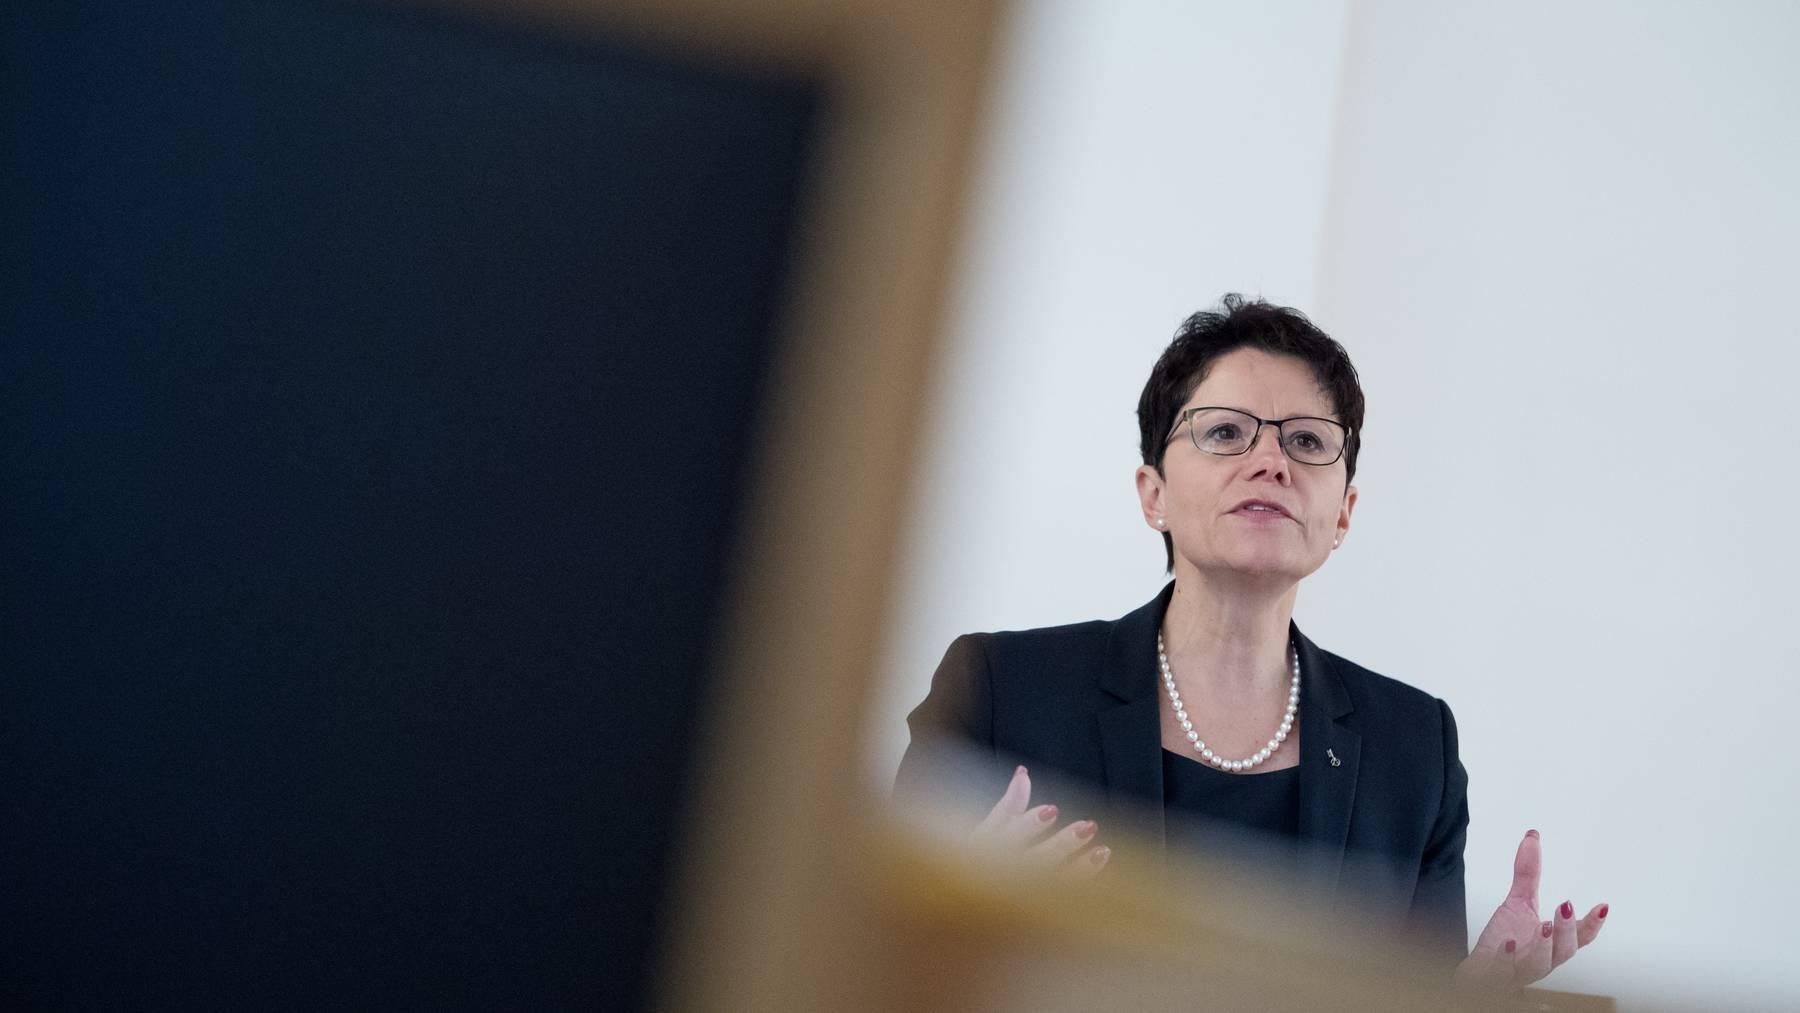 Gesundheitsdirektorin Maya Büchi-Kaiser erklärt die Übernahme der Bundesregeln in Obwalden mit der Pandemieentwicklung. (Archiv)